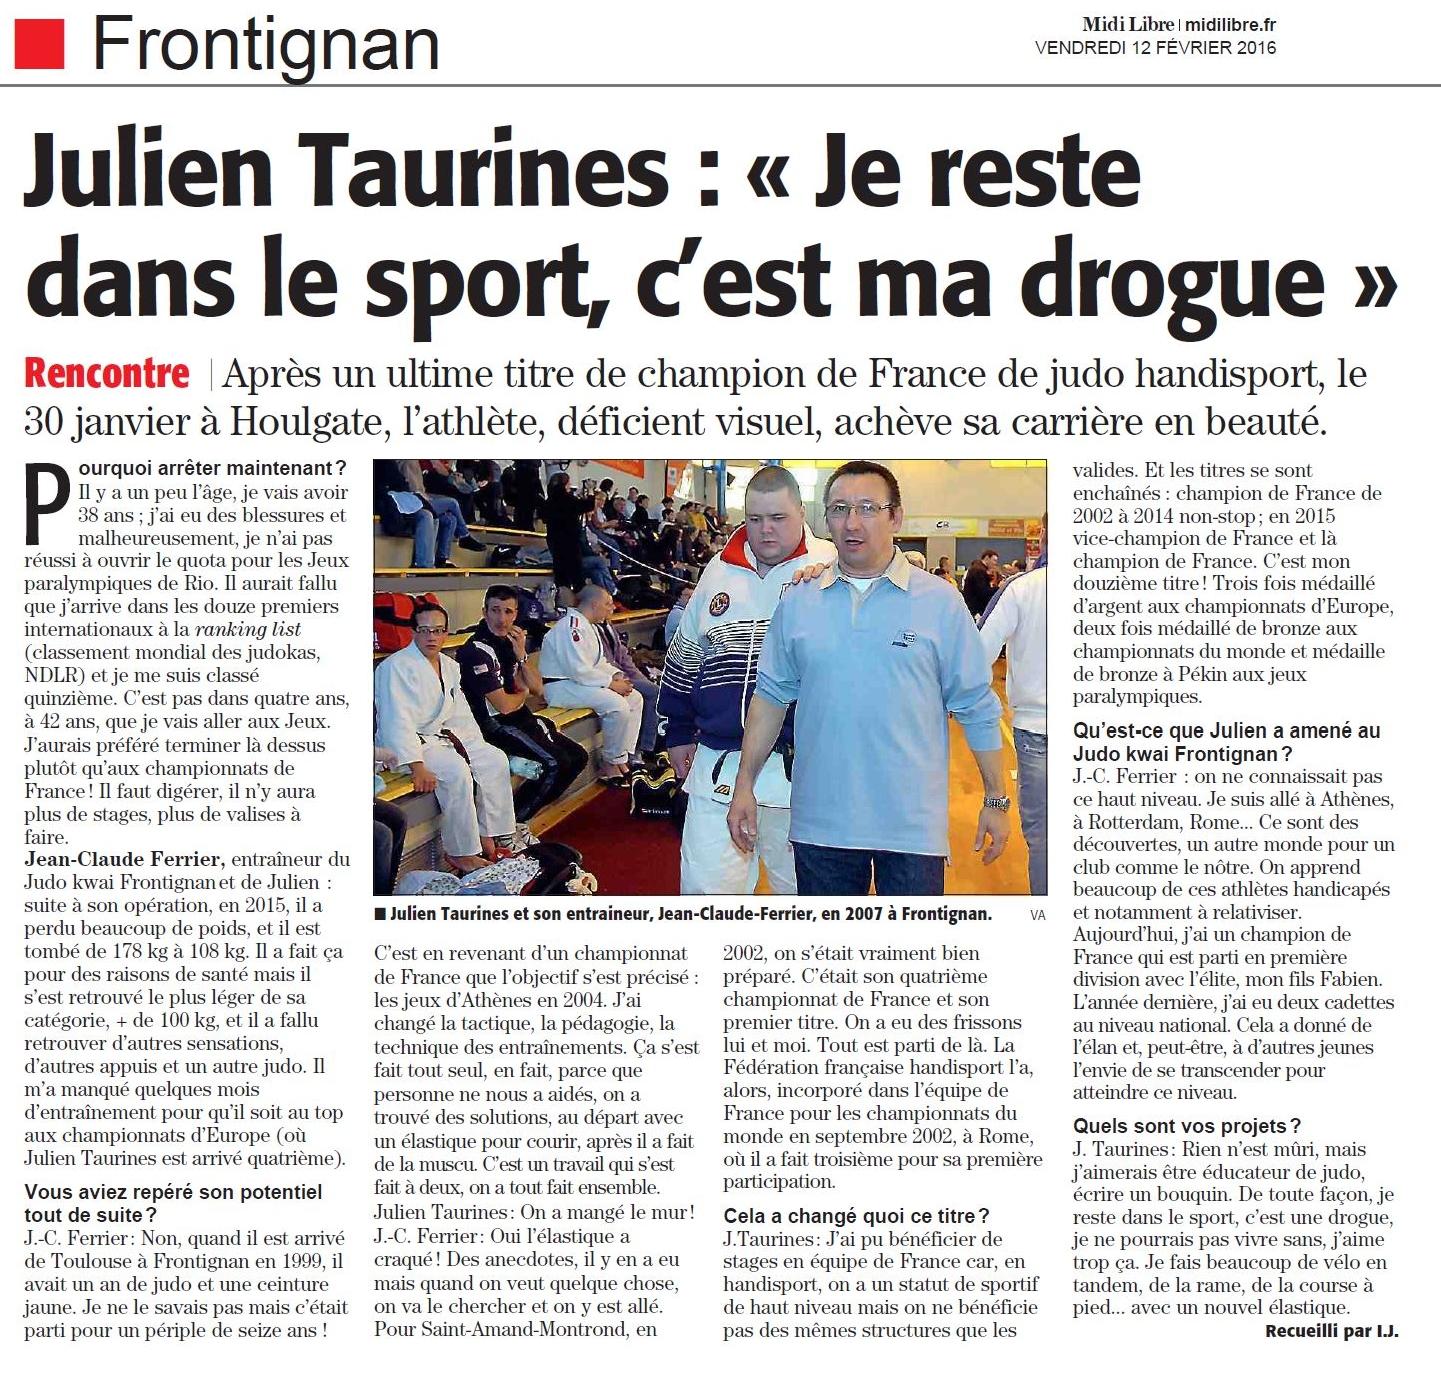 12 Février 2016 (Midi Libre): Julien Taurines, Champion de France et fin de carrière